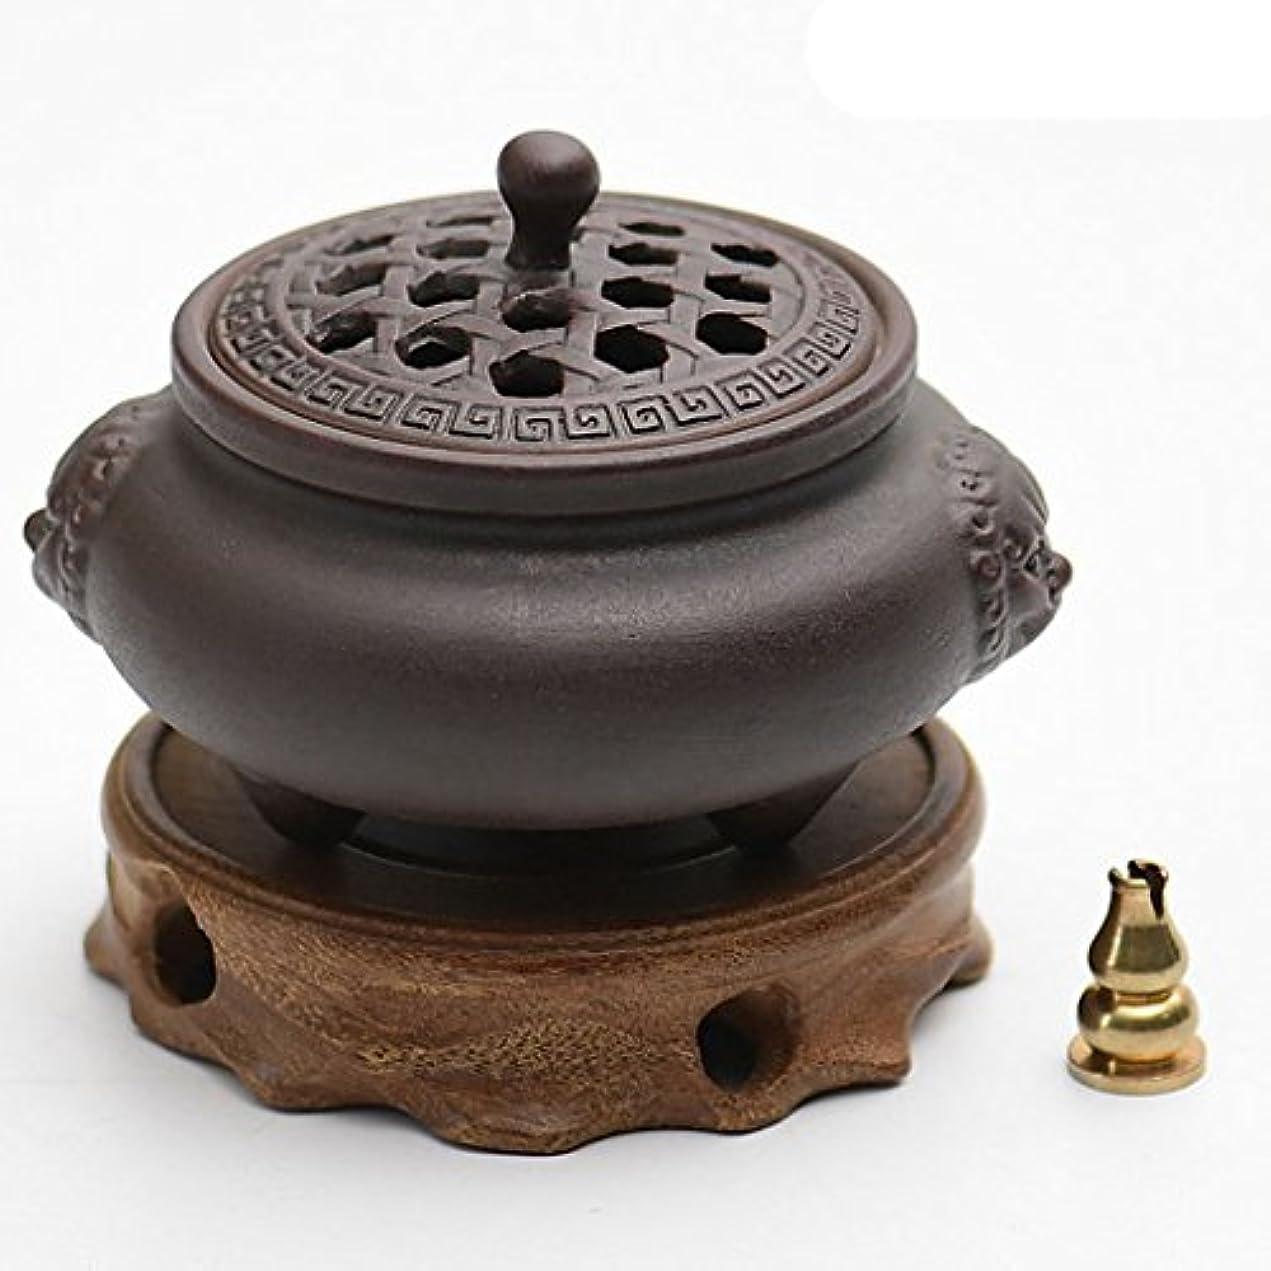 あるバレエ速い(ラシューバー) Lasuiveur 香炉 線香立て 香立て 職人さんの手作り 茶道用品 おしゃれ  木製 透かし彫り